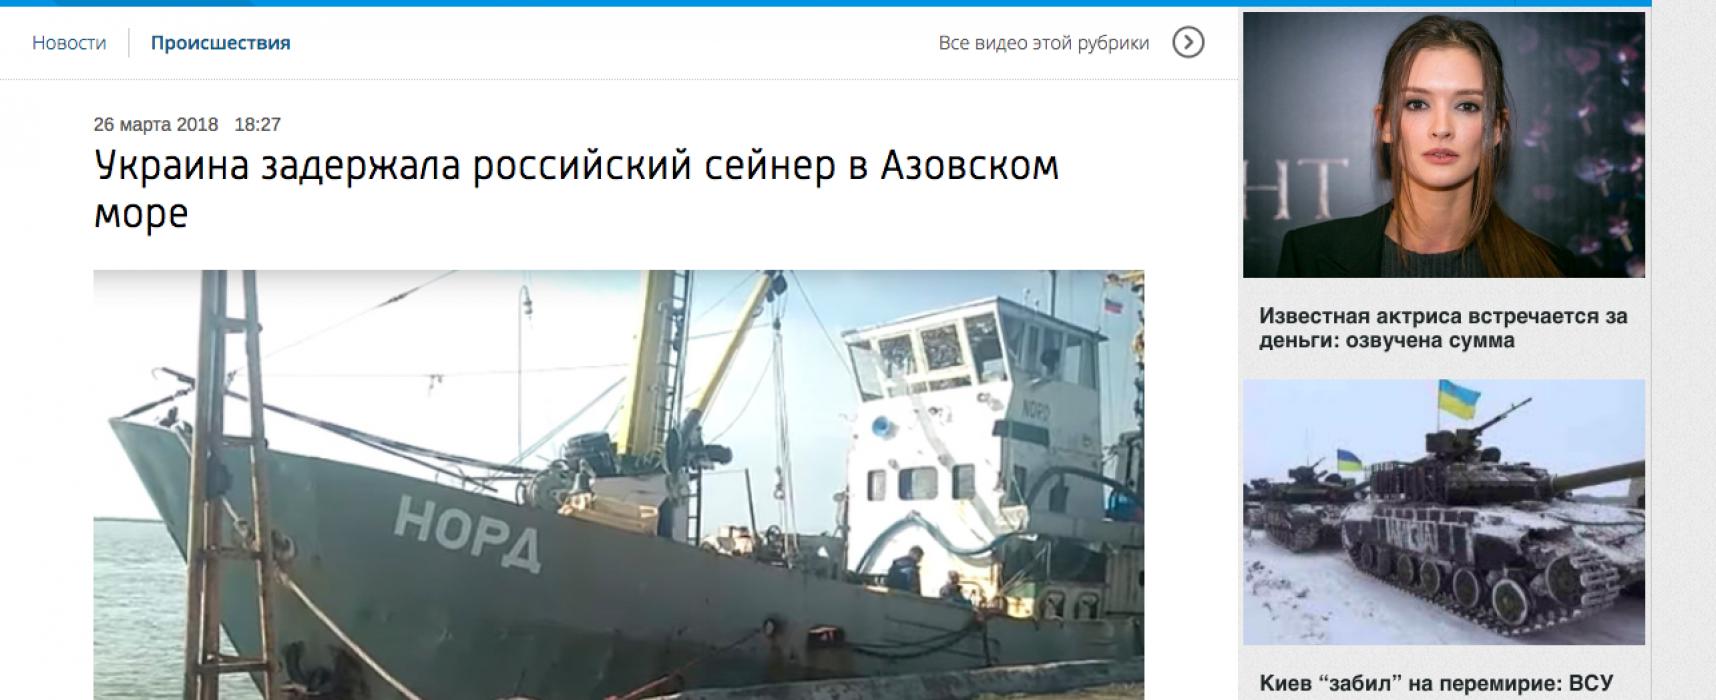 Фейк: українські прикордонники затримали «російське судно» в «російських територіальних водах»